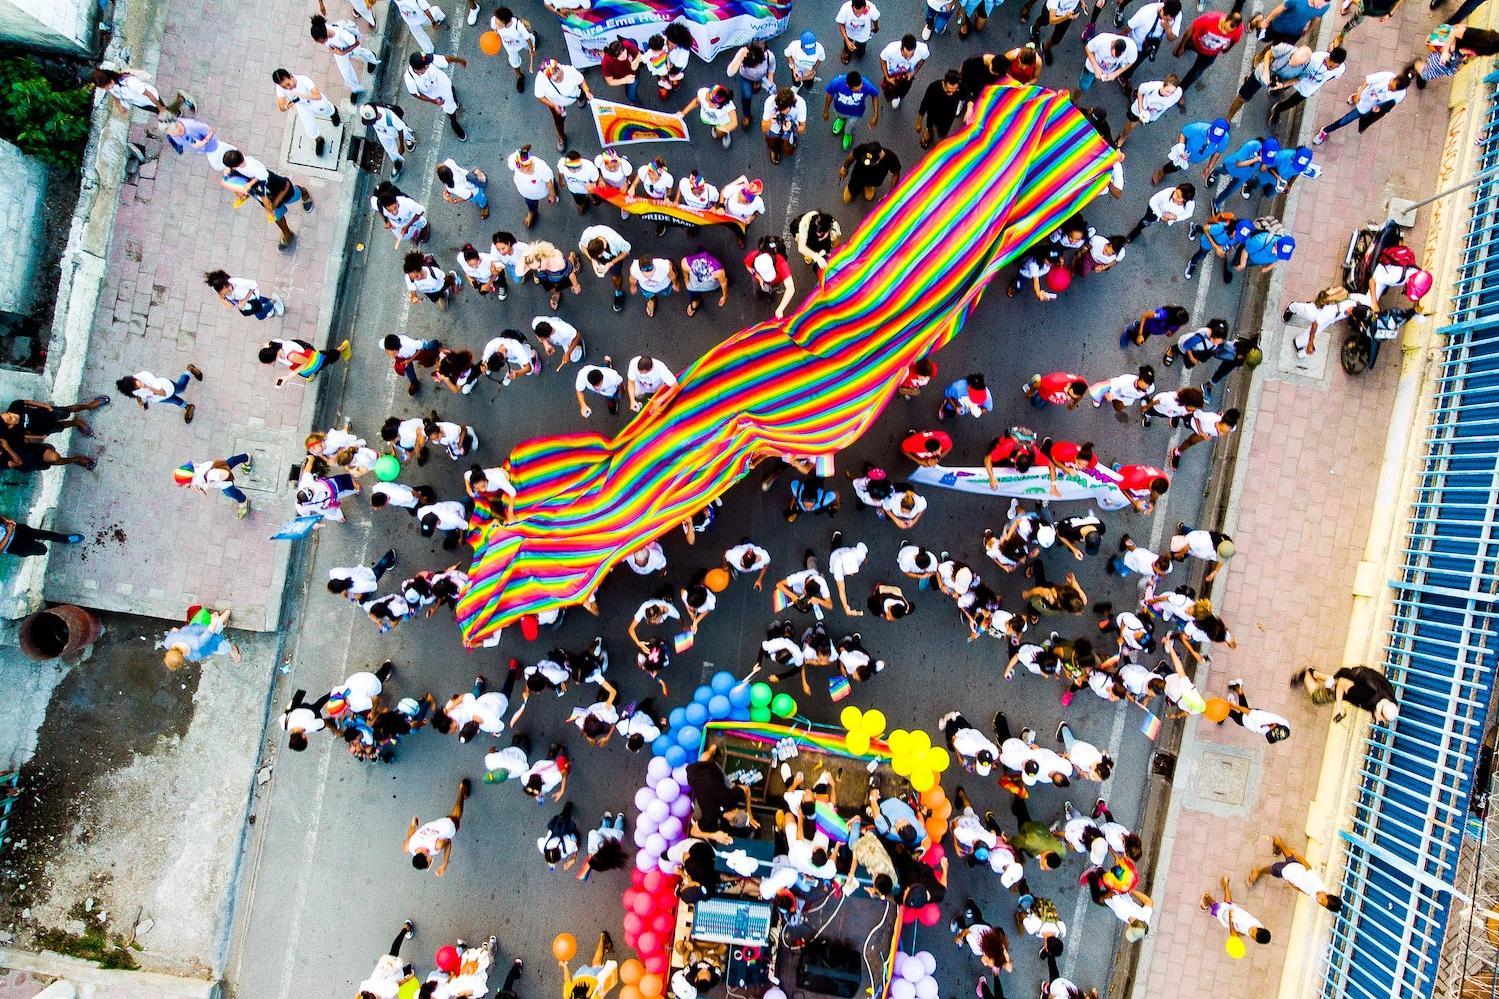 LGBTQ Pride Parade